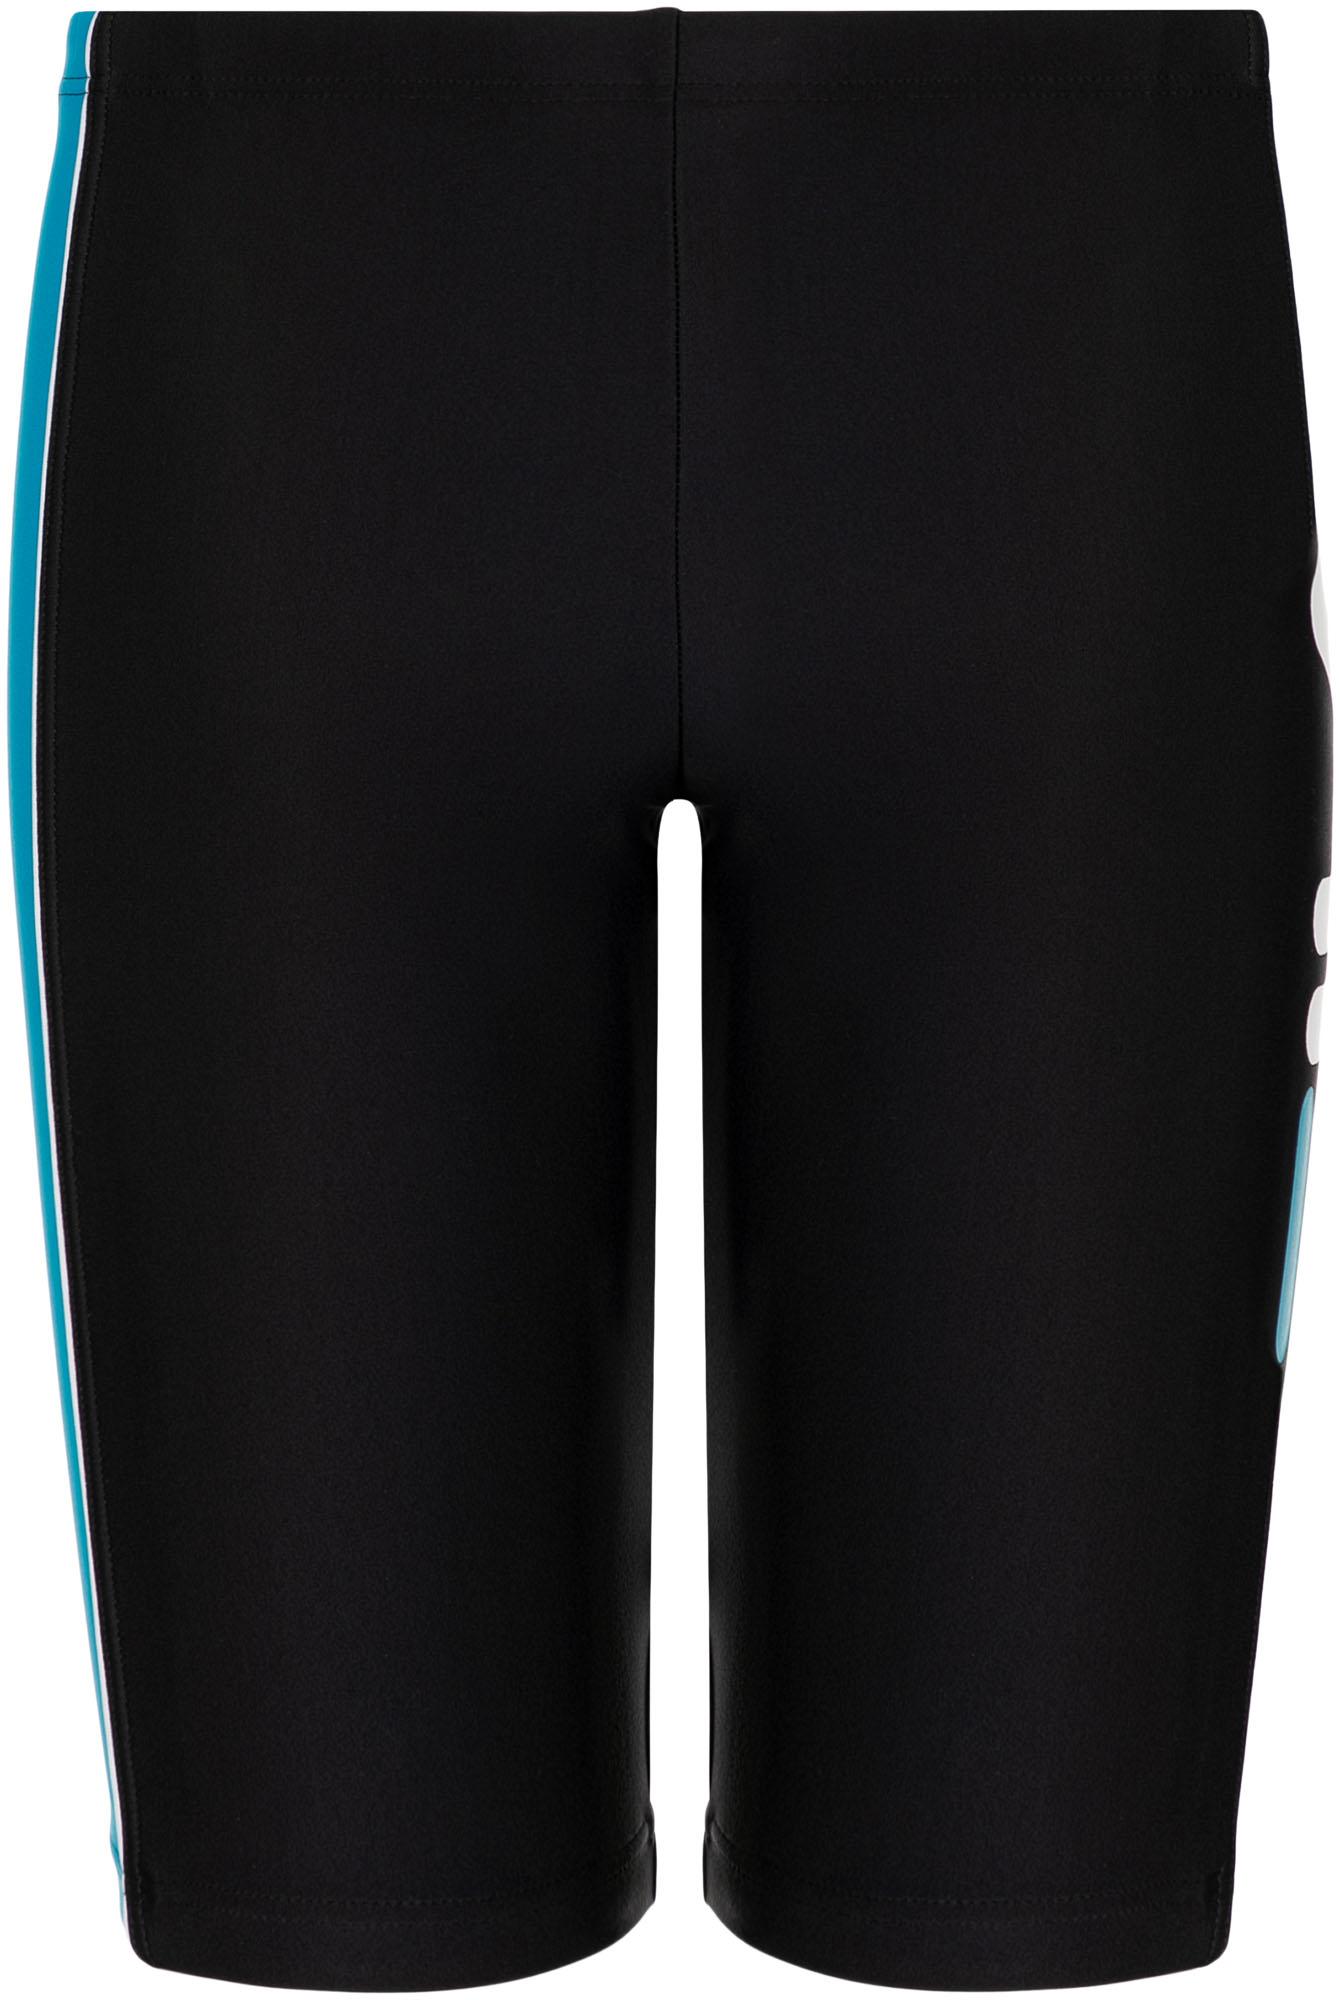 Фото - FILA Плавки-шорты для мальчиков FILA, размер 164 fila шорты плавательные для мальчиков fila размер 164